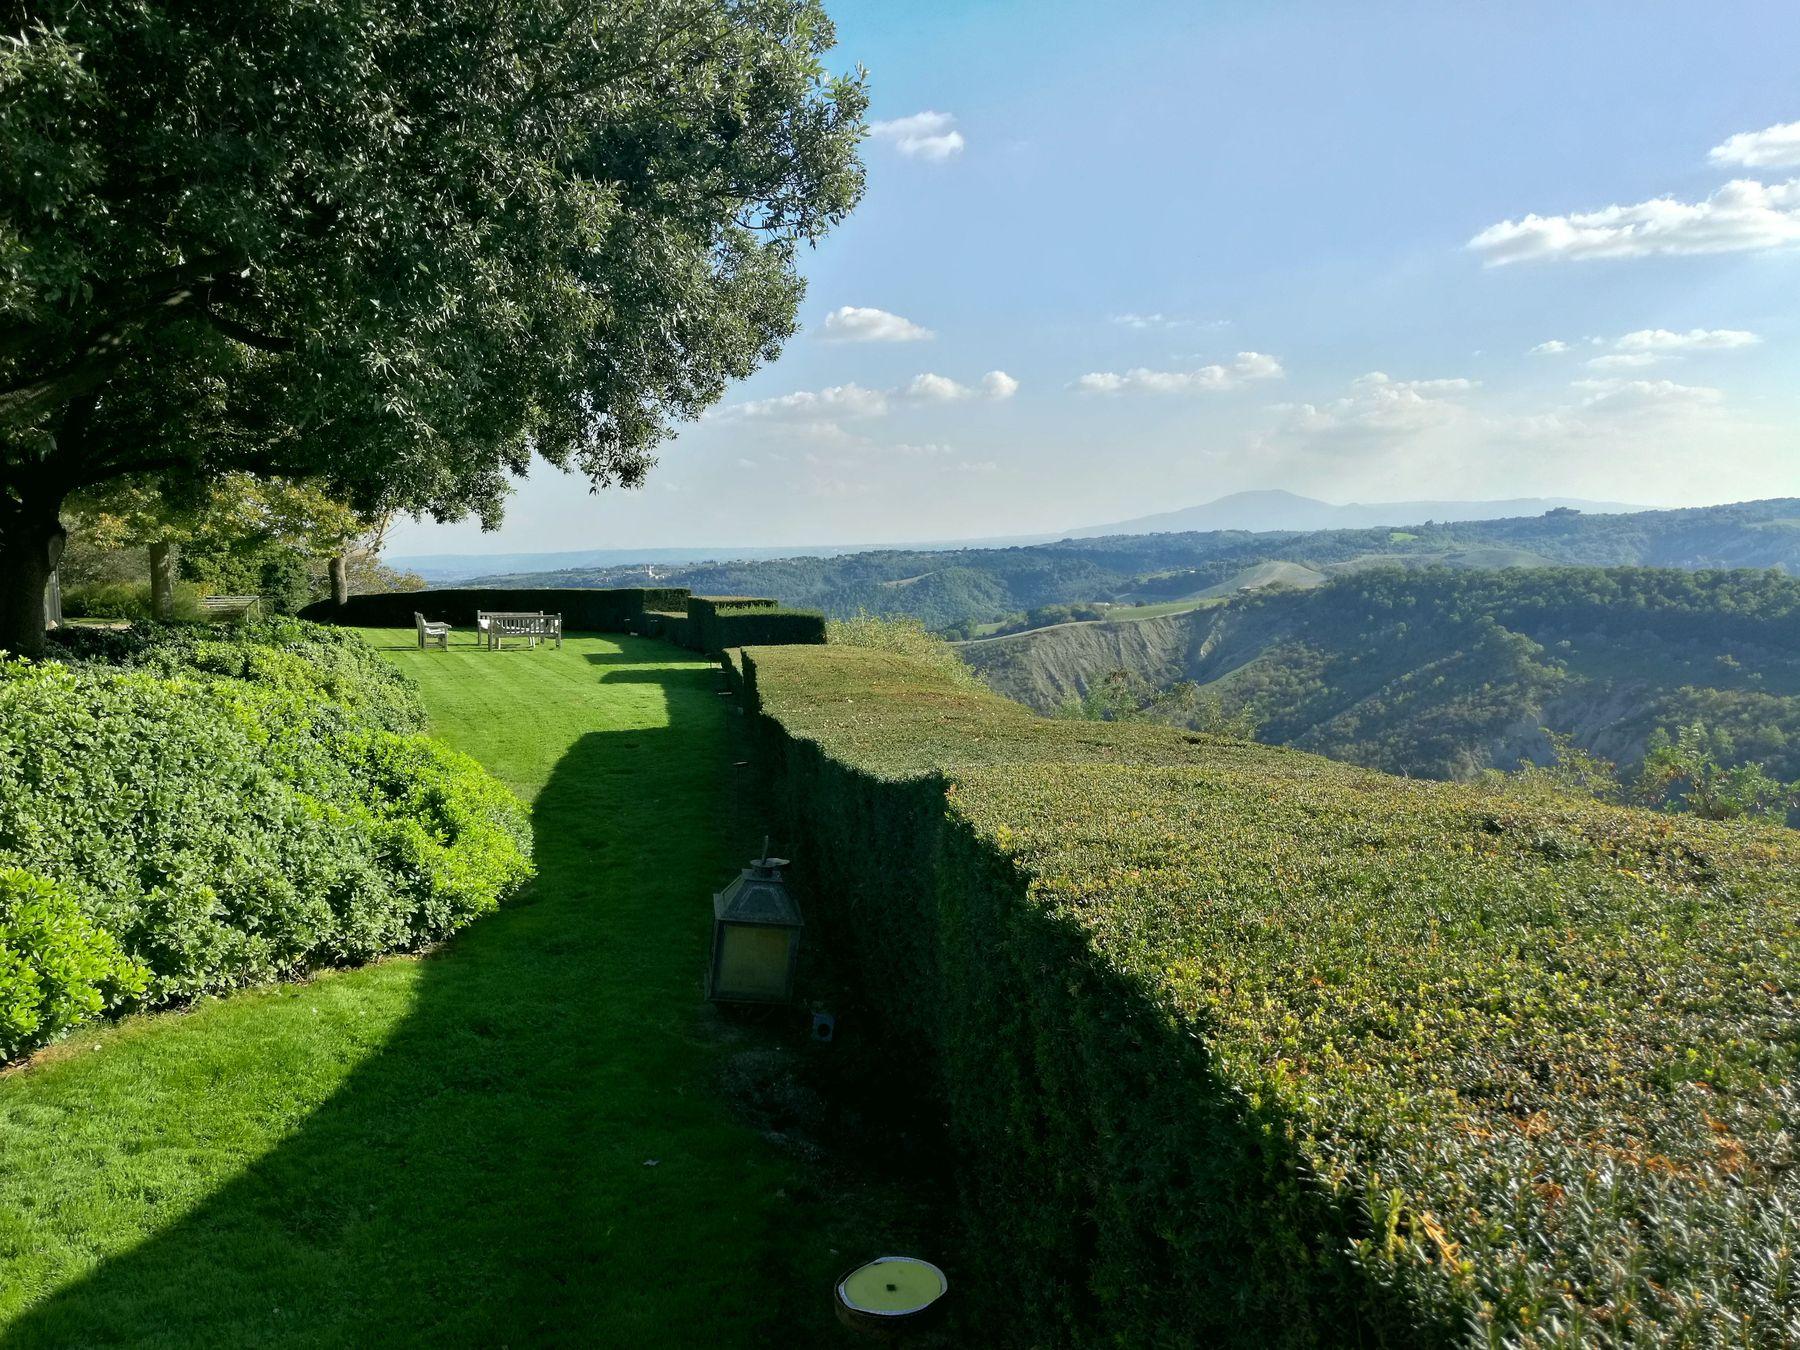 Villa Tirrena Blossom zine viaggio Promo Tuscia